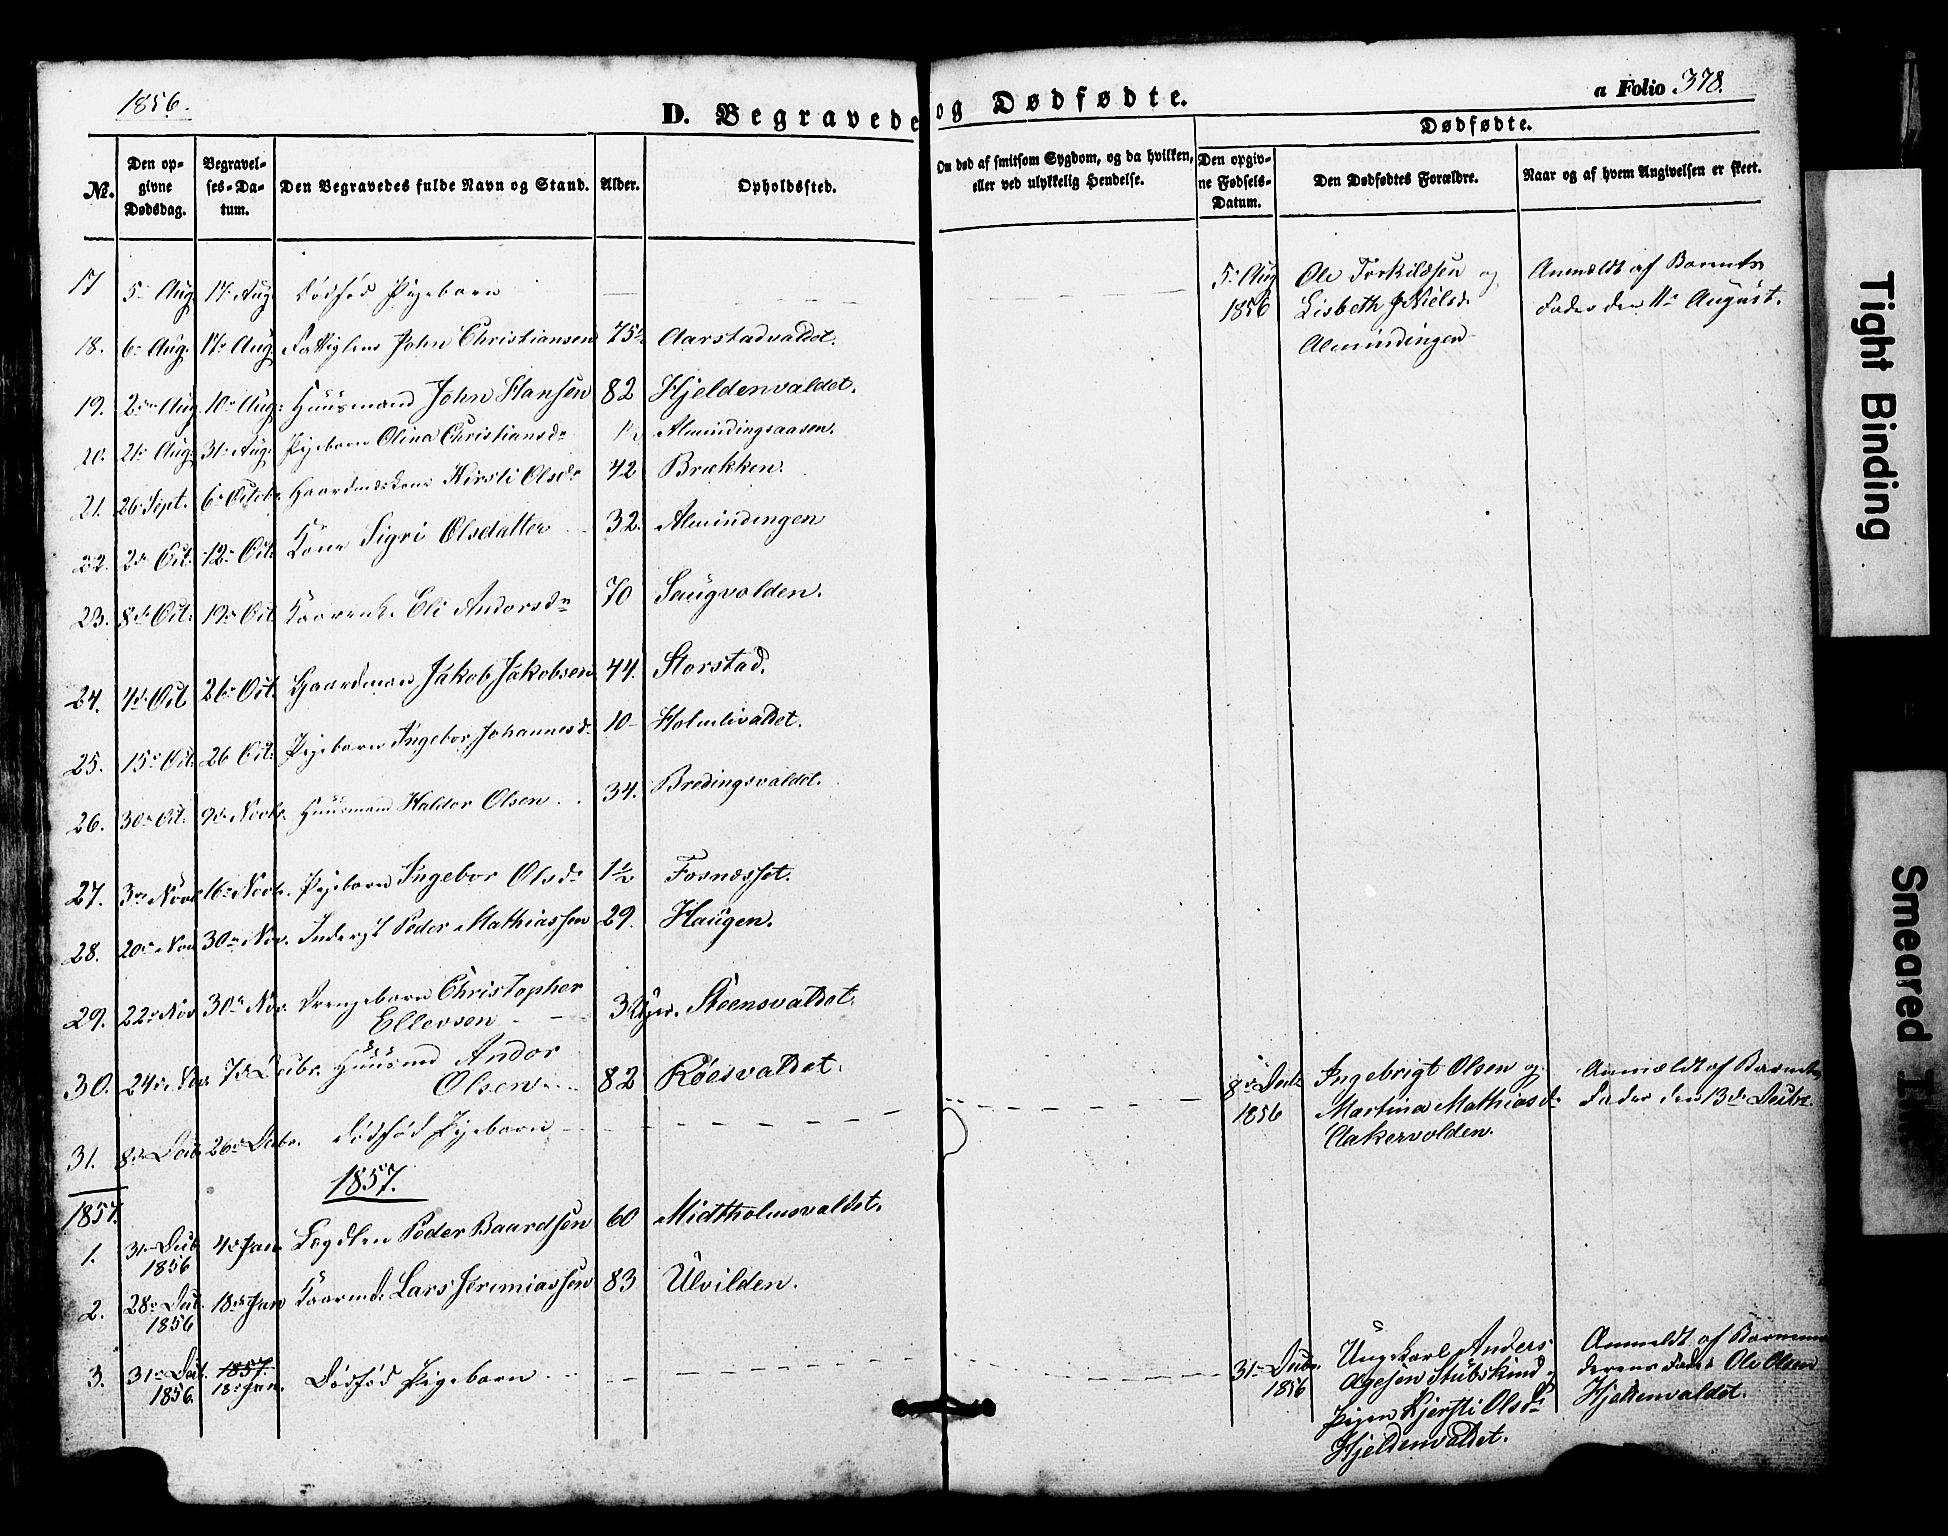 SAT, Ministerialprotokoller, klokkerbøker og fødselsregistre - Nord-Trøndelag, 724/L0268: Klokkerbok nr. 724C04, 1846-1878, s. 378